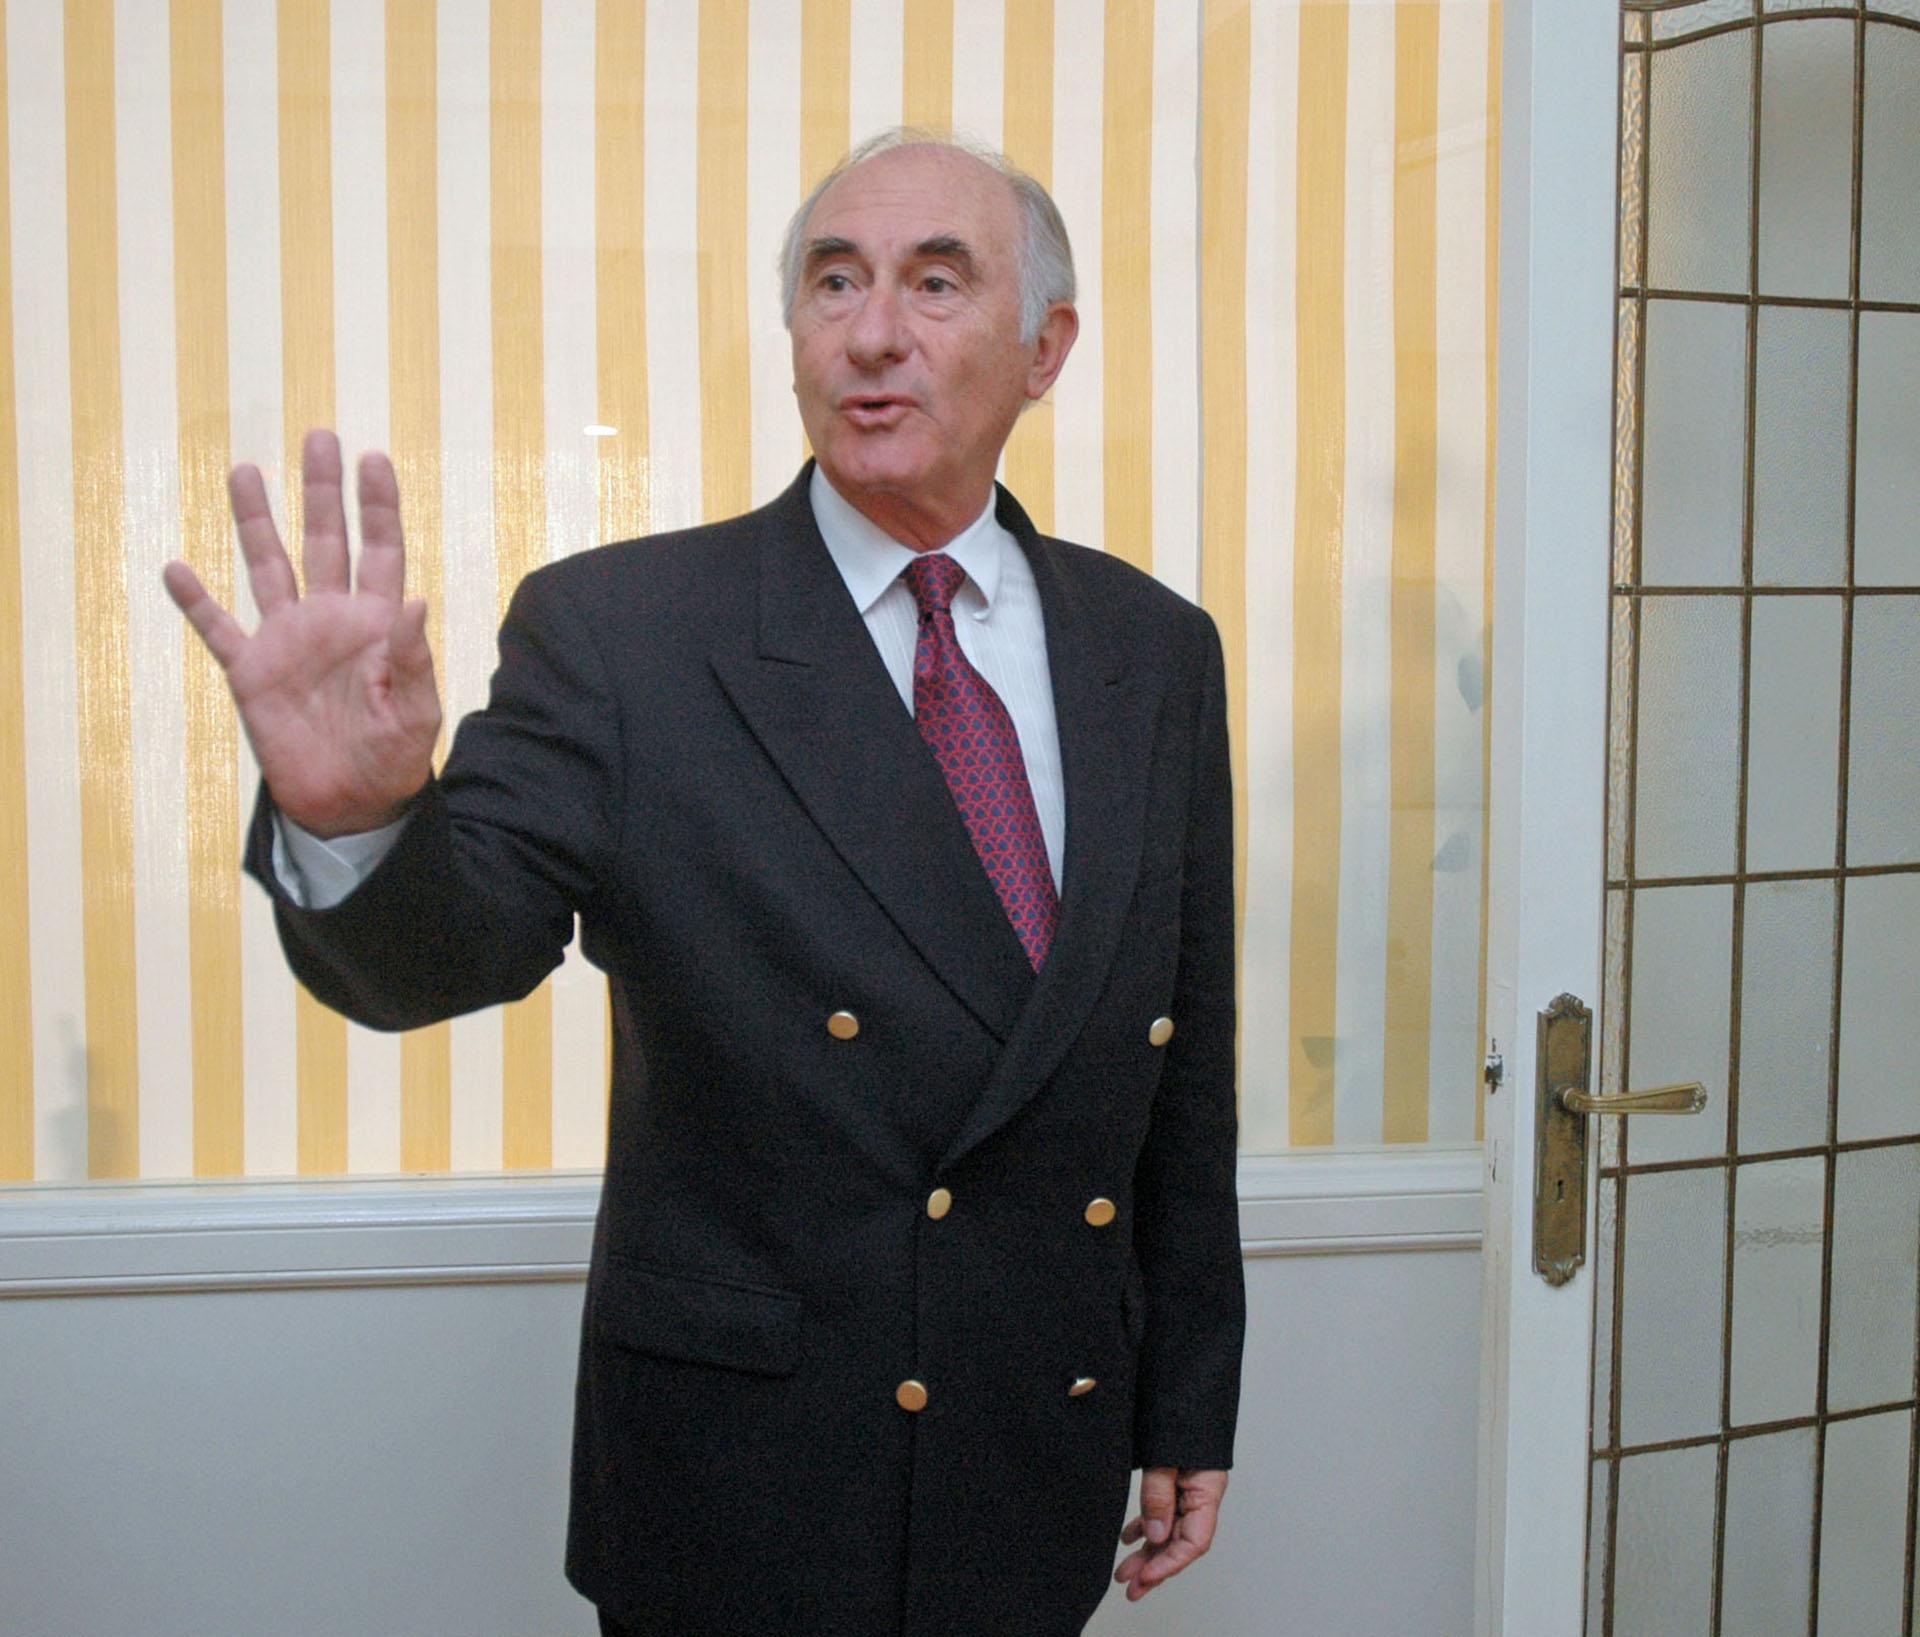 El miércoles 19 de diciembre a las siete de la tarde, el presidente Fernando de la Rúa había declarado el estado de sitio por 30 días. Fue la antesala de la las jornadas trágicas del 20 y 21 de diciembre